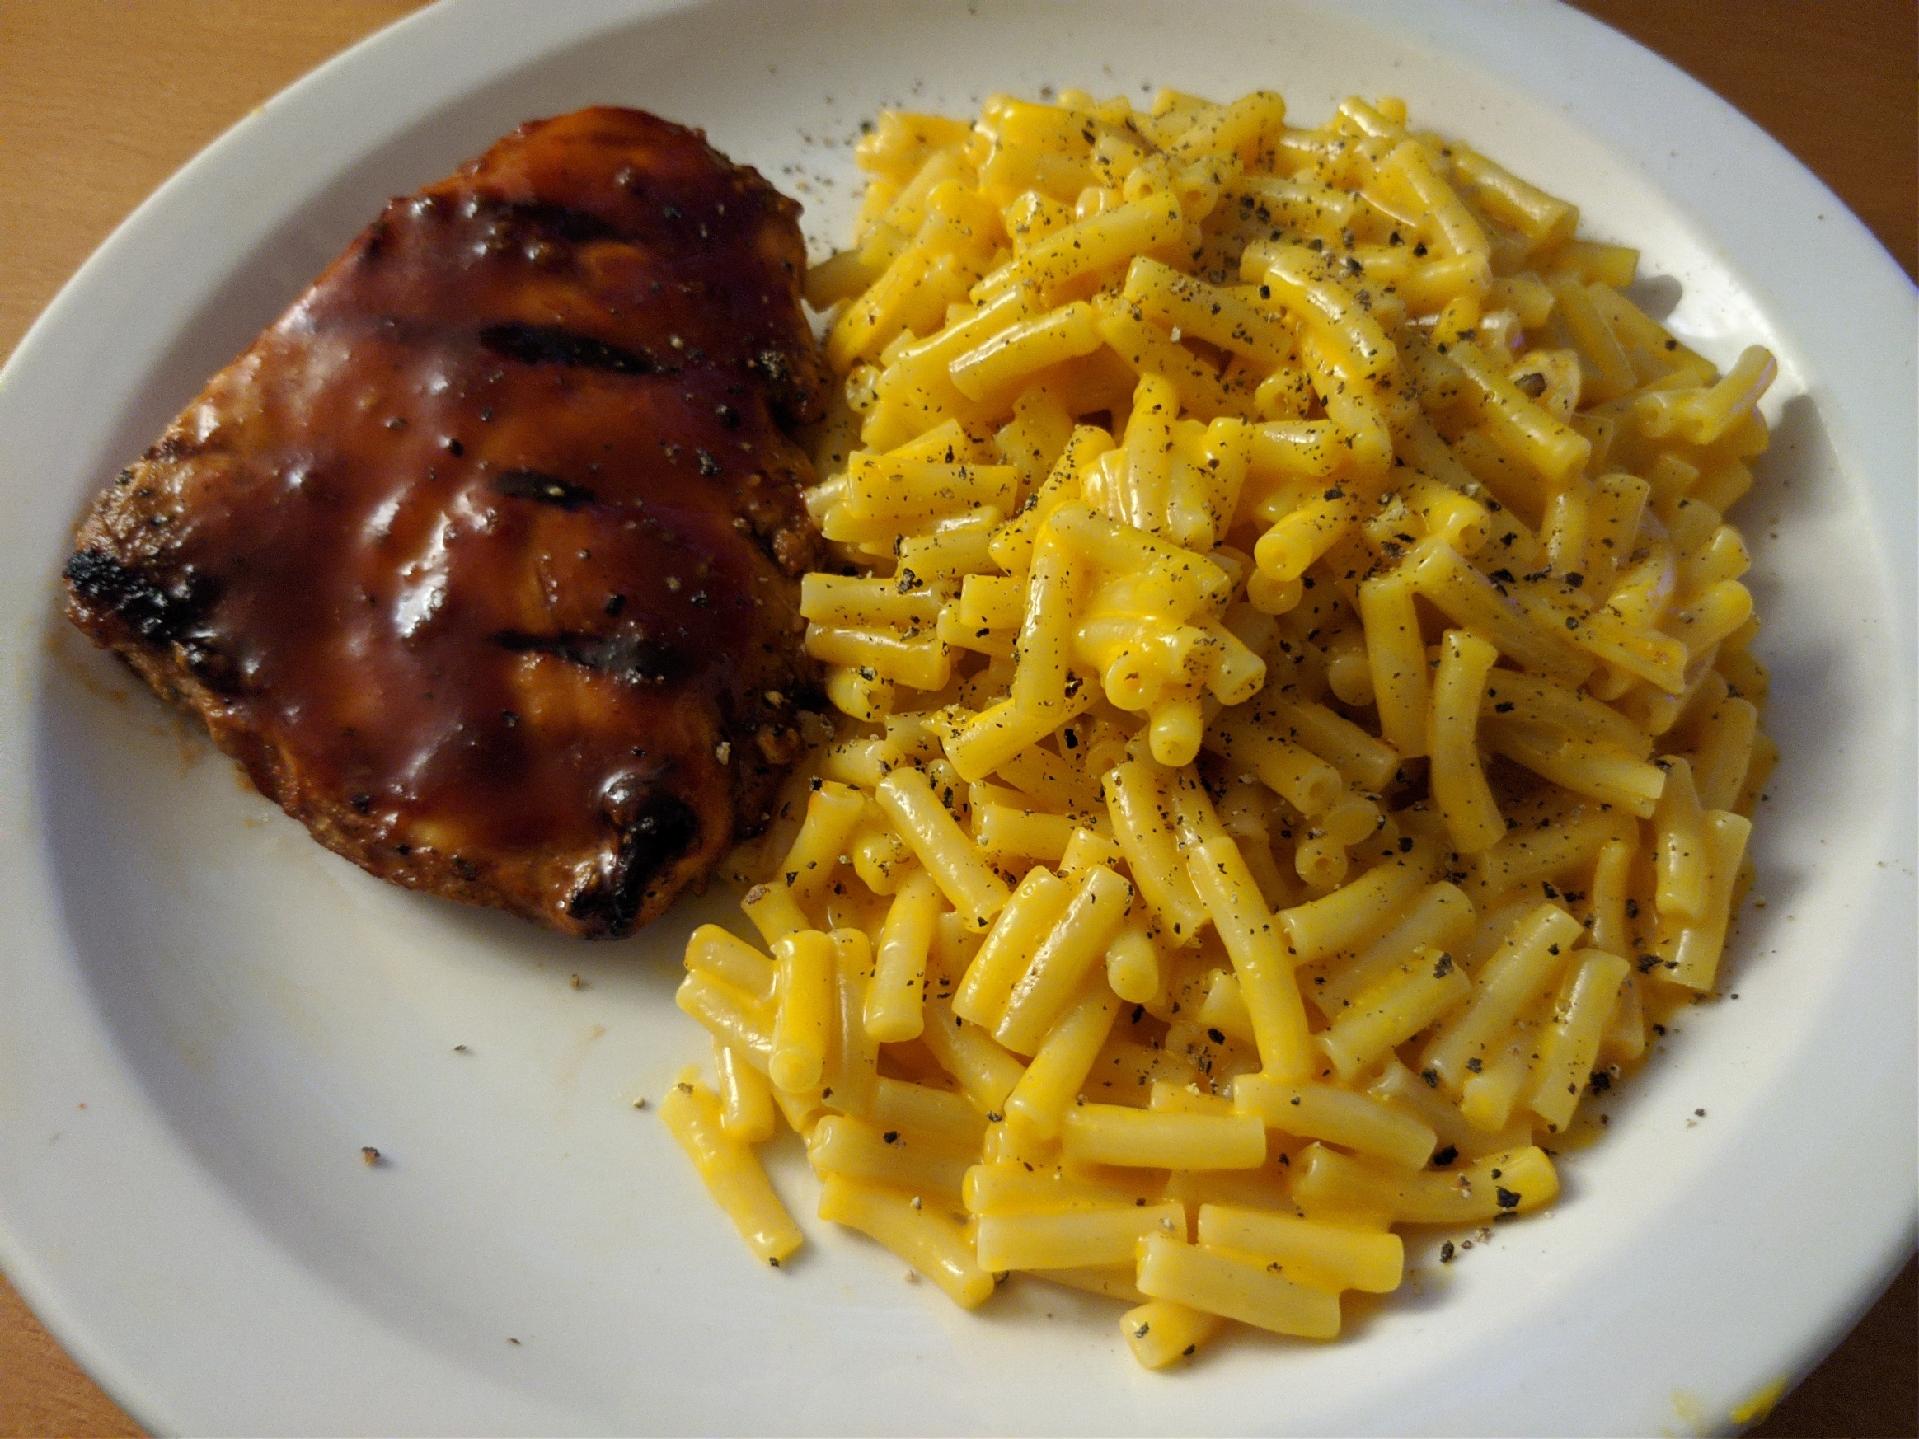 Dinner-ckunvqq-jpg